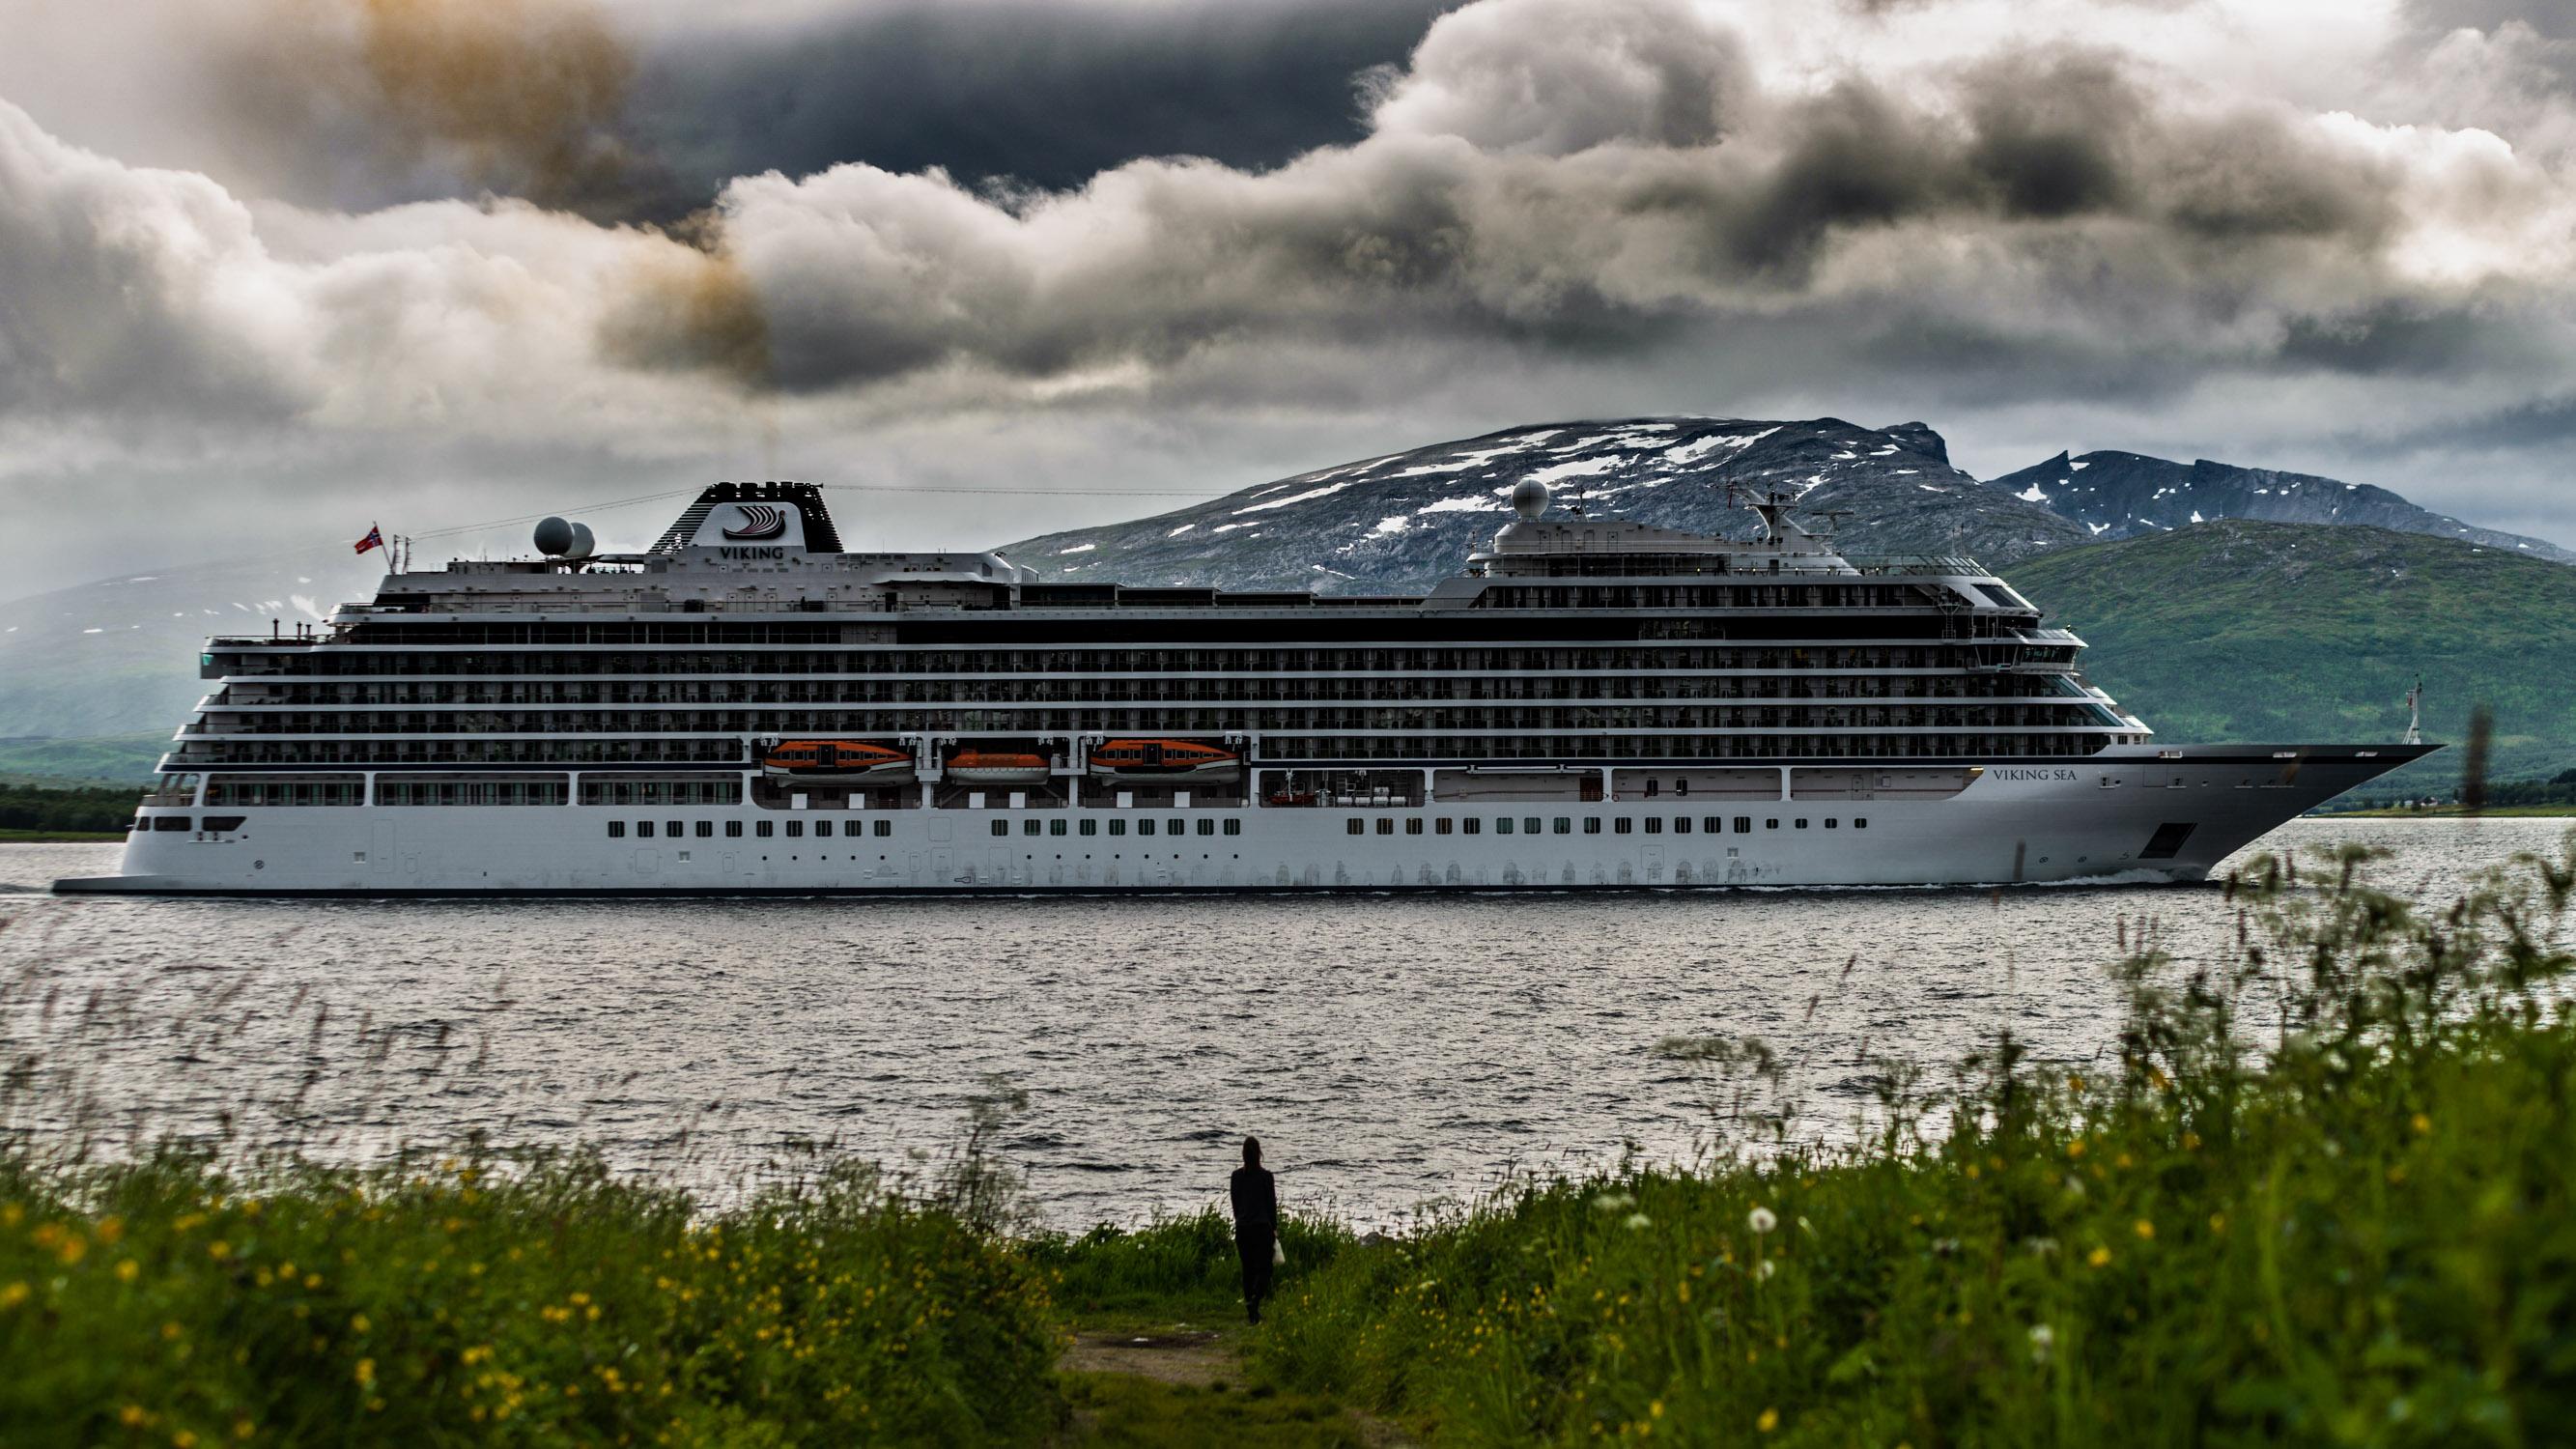 2018-07-15_test-ved-sjøen-70-200_DSC5994.jpg